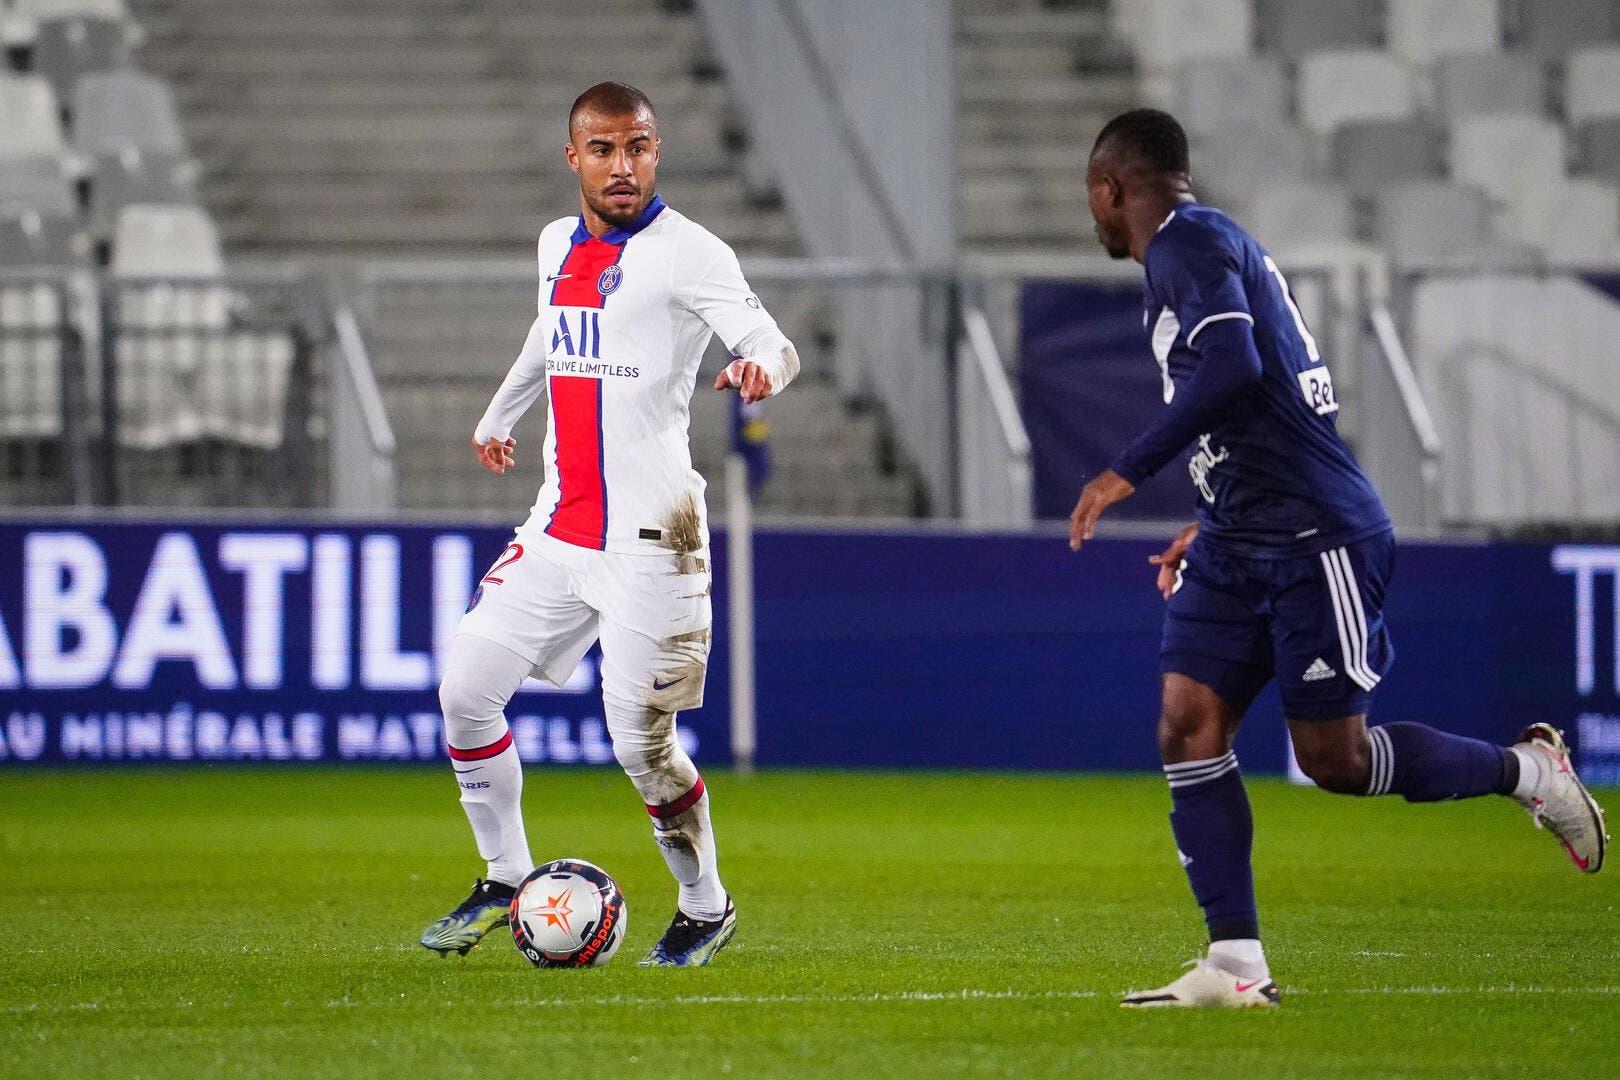 PSG : Paris loin du Bayern et City, Riolo prend peur - Foot01.com